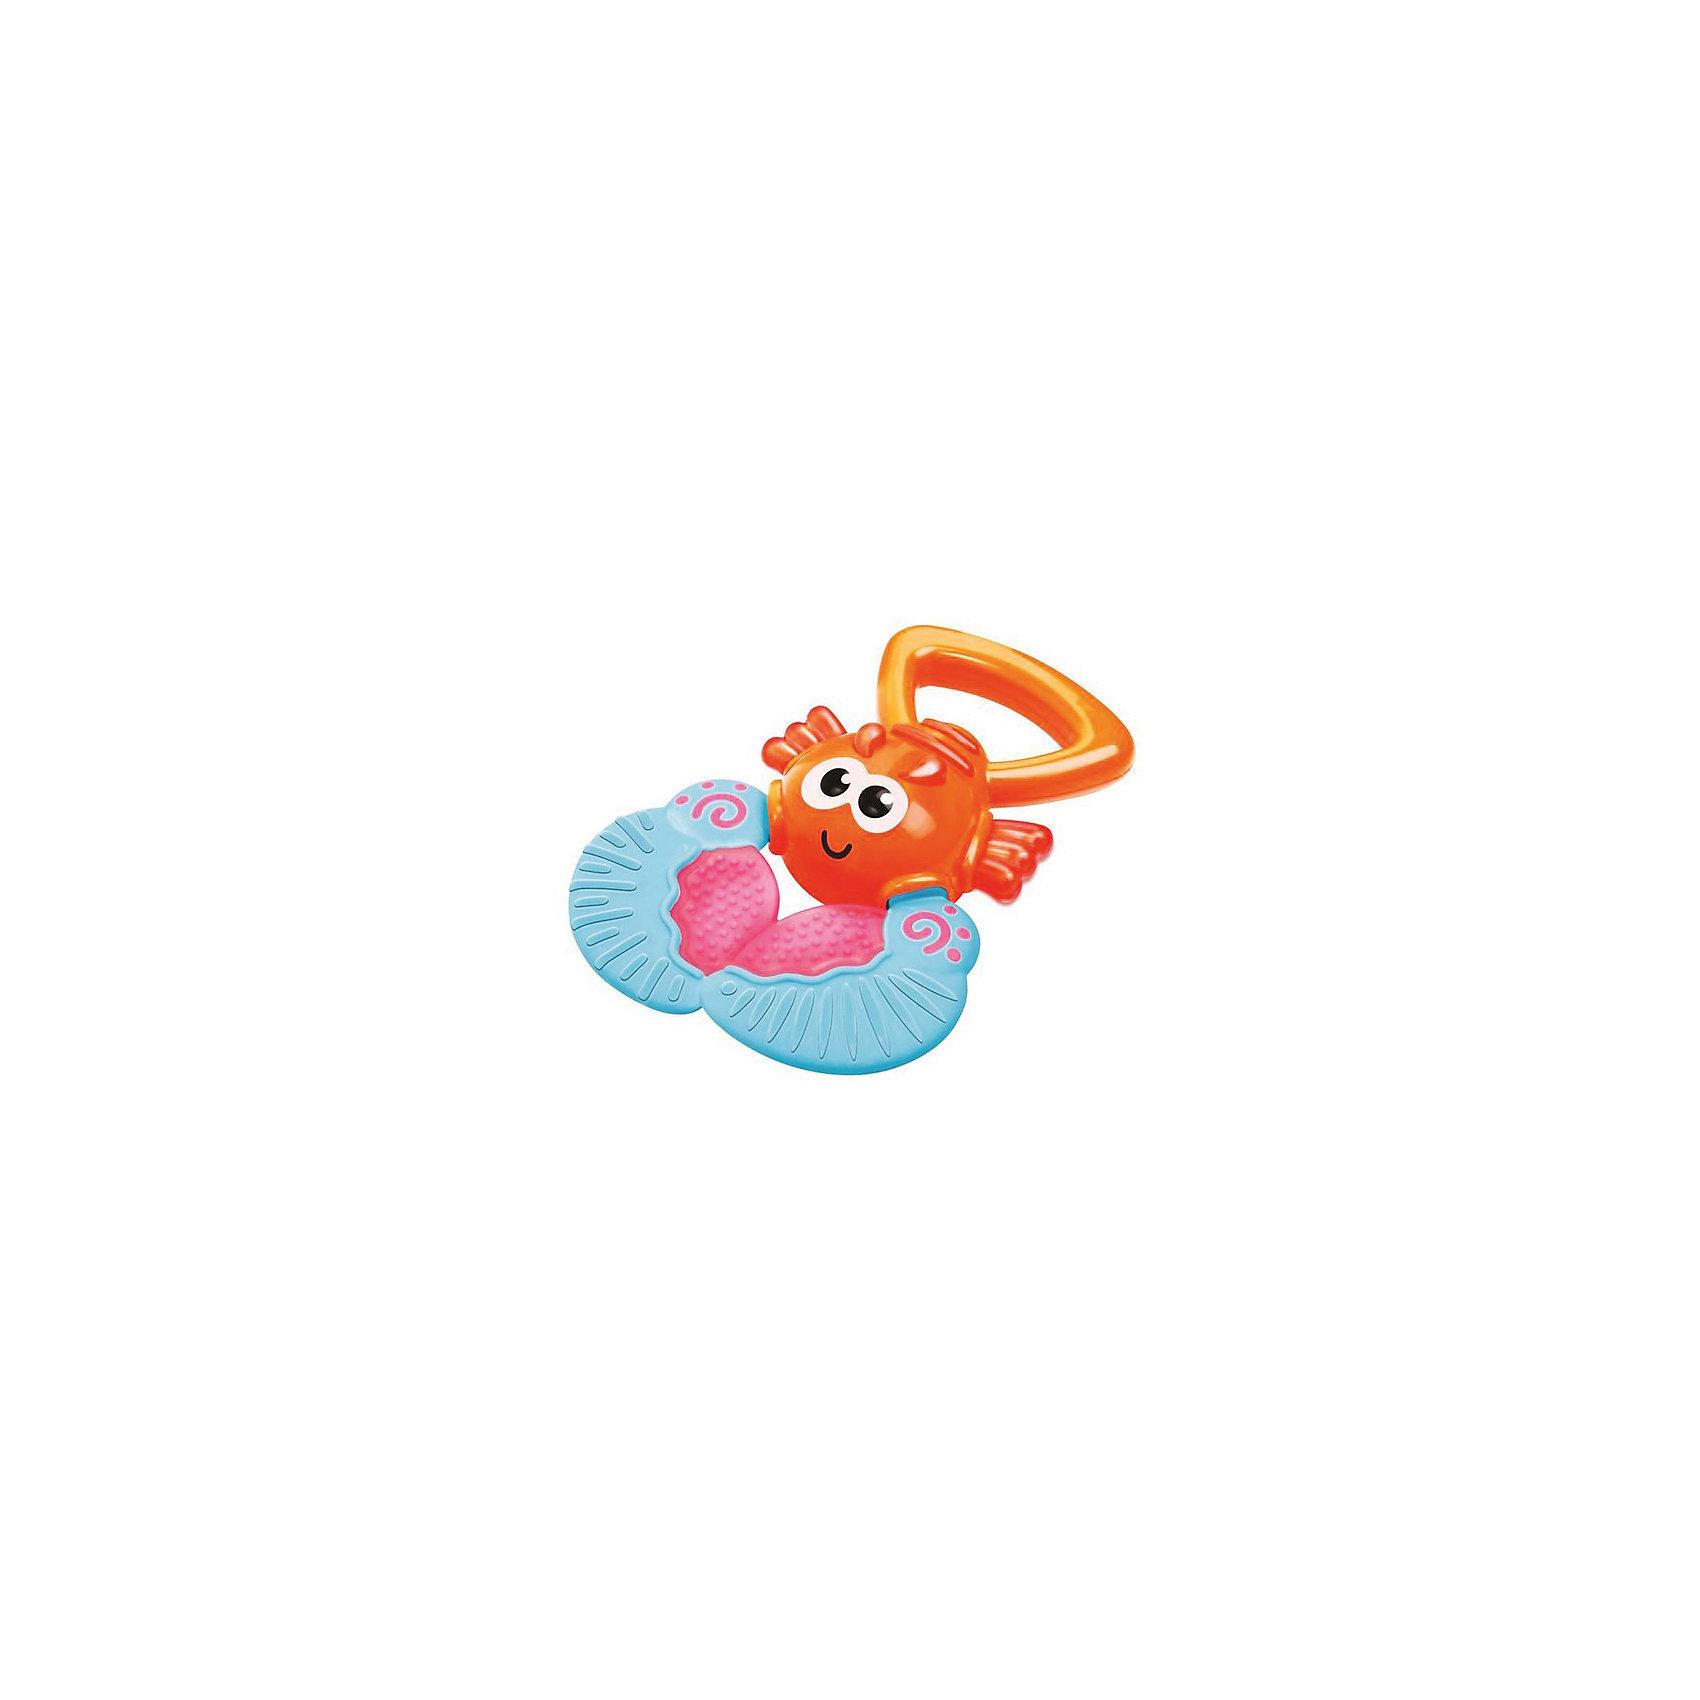 Игрушка Веселый лобстер, BKidsПрорезыватели<br>Прорезыватели необходимы детям, у которых режутся зубки. Они могут выглядеть очень симпатично! Эта игрушка представляет собой прорезыватель в виде лобстера, с удобной ручкой для захвата и массажером десен.<br>Такие игрушки способствуют развитию мелкой моторики, воображения, цветовосприятия, тактильных ощущений. Изделие разработано специально для самых маленьких. Сделано из материалов, безопасных для детей.<br><br>Дополнительная информация:<br><br>цвет: разноцветный;<br>размеры игрушки: 10 х 13 х 3 см;<br>возраст: с рождения.<br><br>Игрушку Веселый лобстер от бренда BKids можно купить в нашем интернет-магазине.<br><br>Ширина мм: 101<br>Глубина мм: 101<br>Высота мм: 20<br>Вес г: 72<br>Возраст от месяцев: 0<br>Возраст до месяцев: 36<br>Пол: Унисекс<br>Возраст: Детский<br>SKU: 5055396